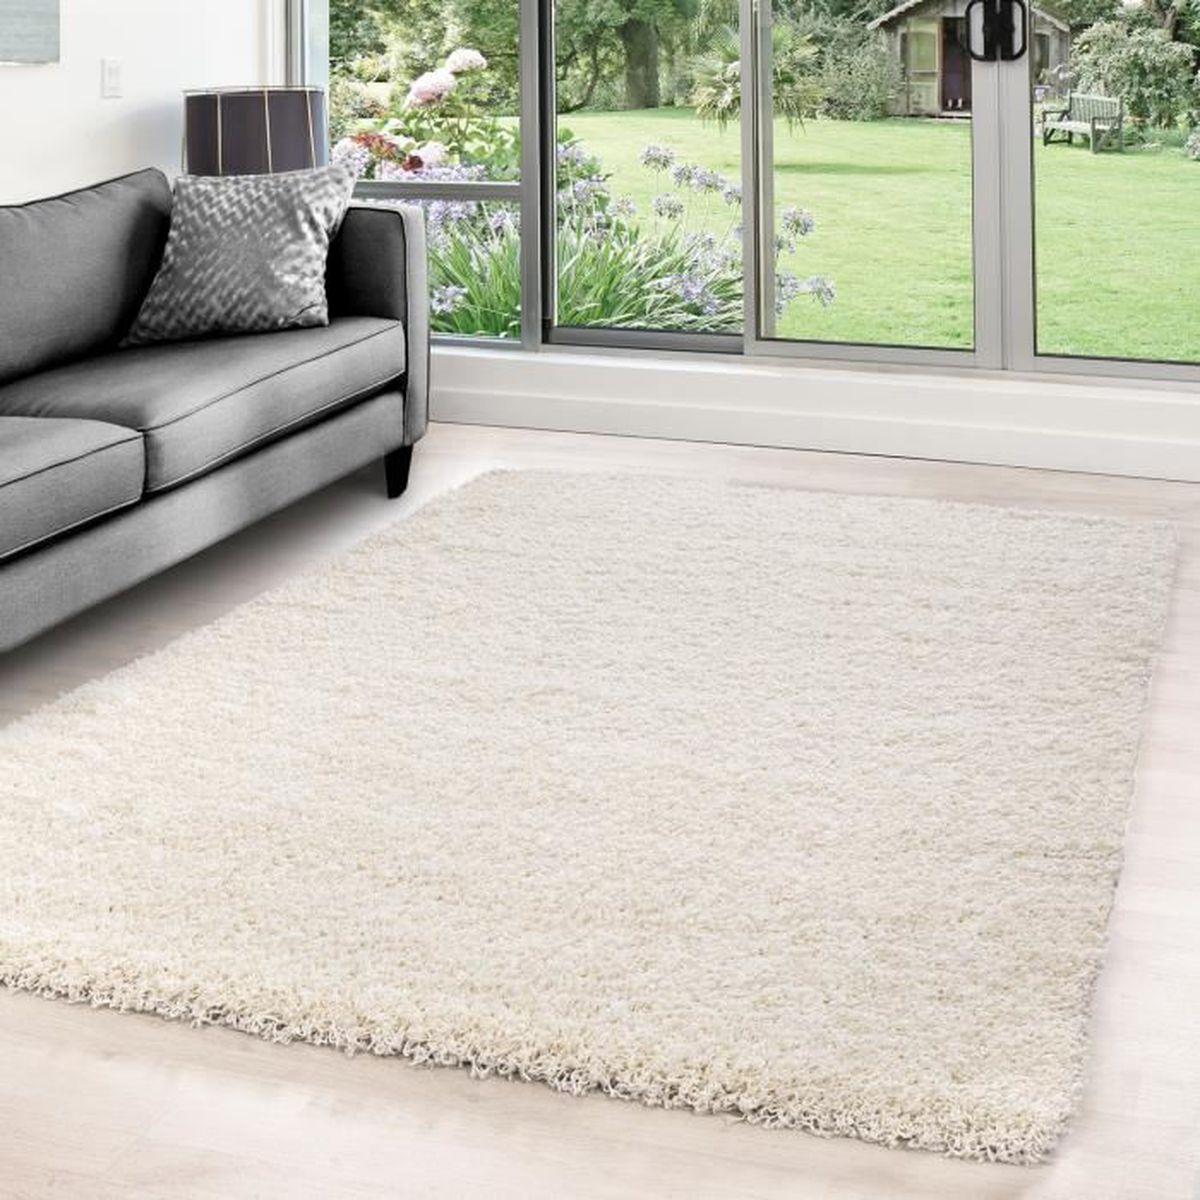 moquette pour salon achat vente moquette pour salon pas cher cdiscount. Black Bedroom Furniture Sets. Home Design Ideas